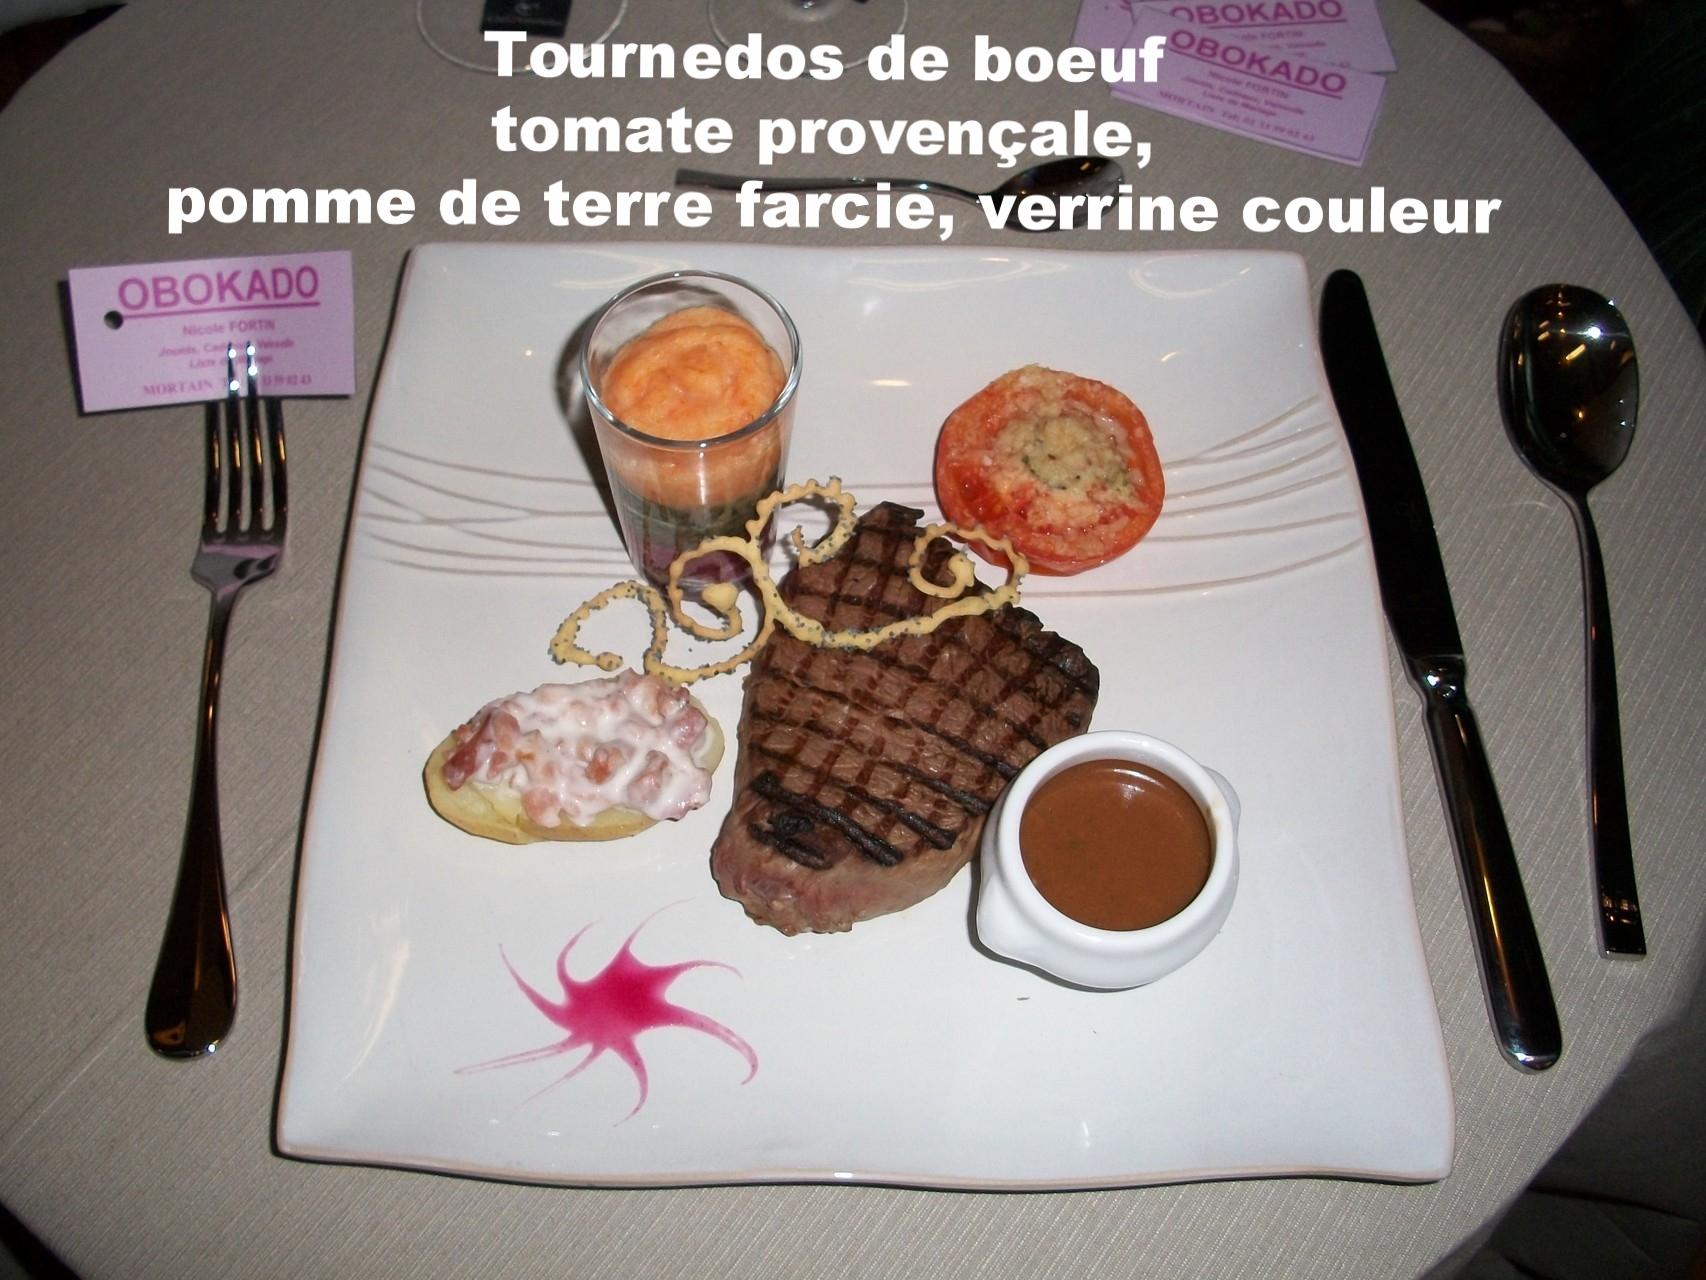 Tournedos de boeuf sauce poivre vert, pomme de terre farcie, verrine couleur